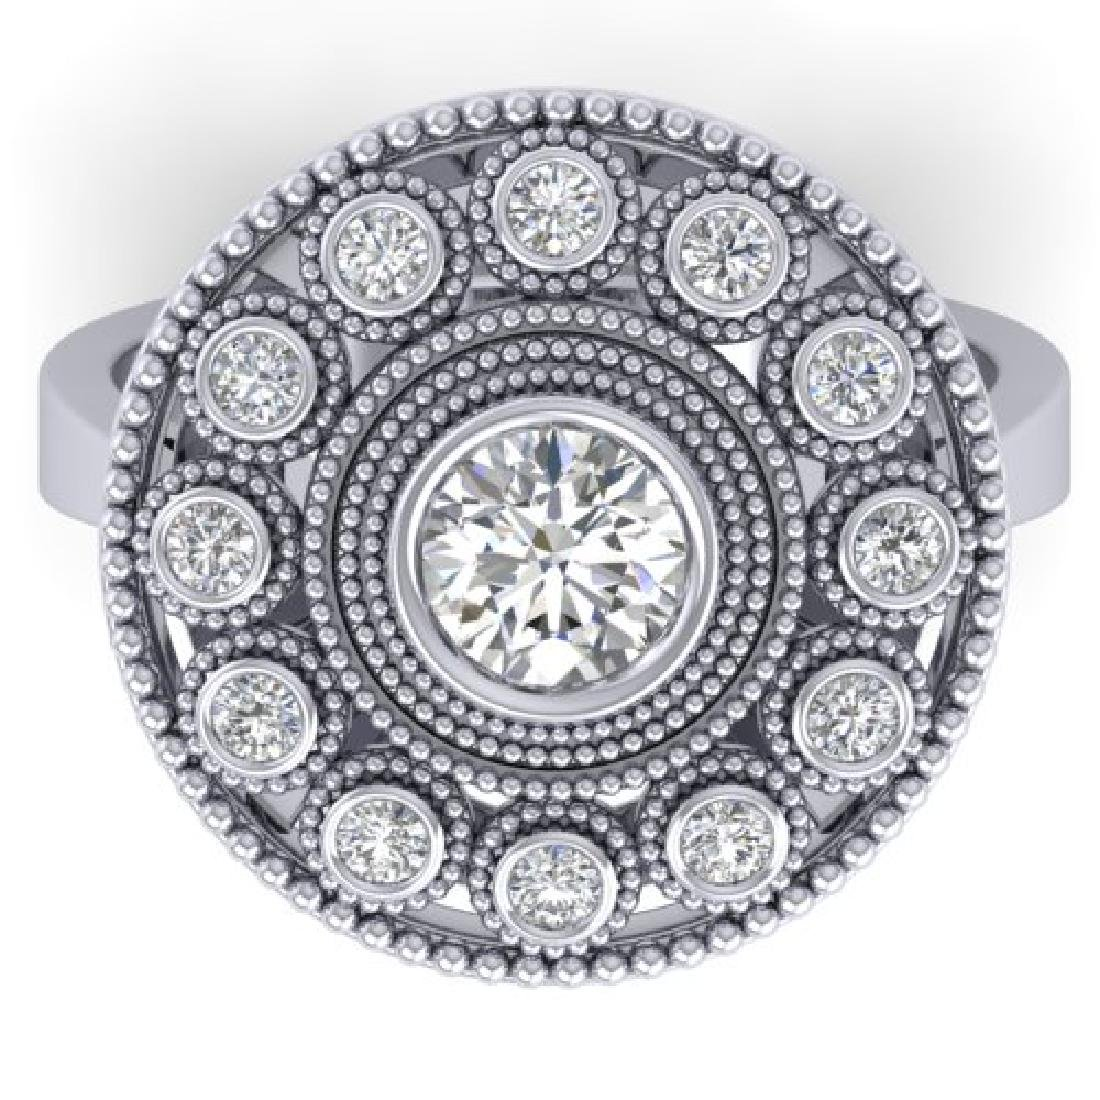 0.91 CTW Certified VS/SI Diamond Art Deco Ring 18K